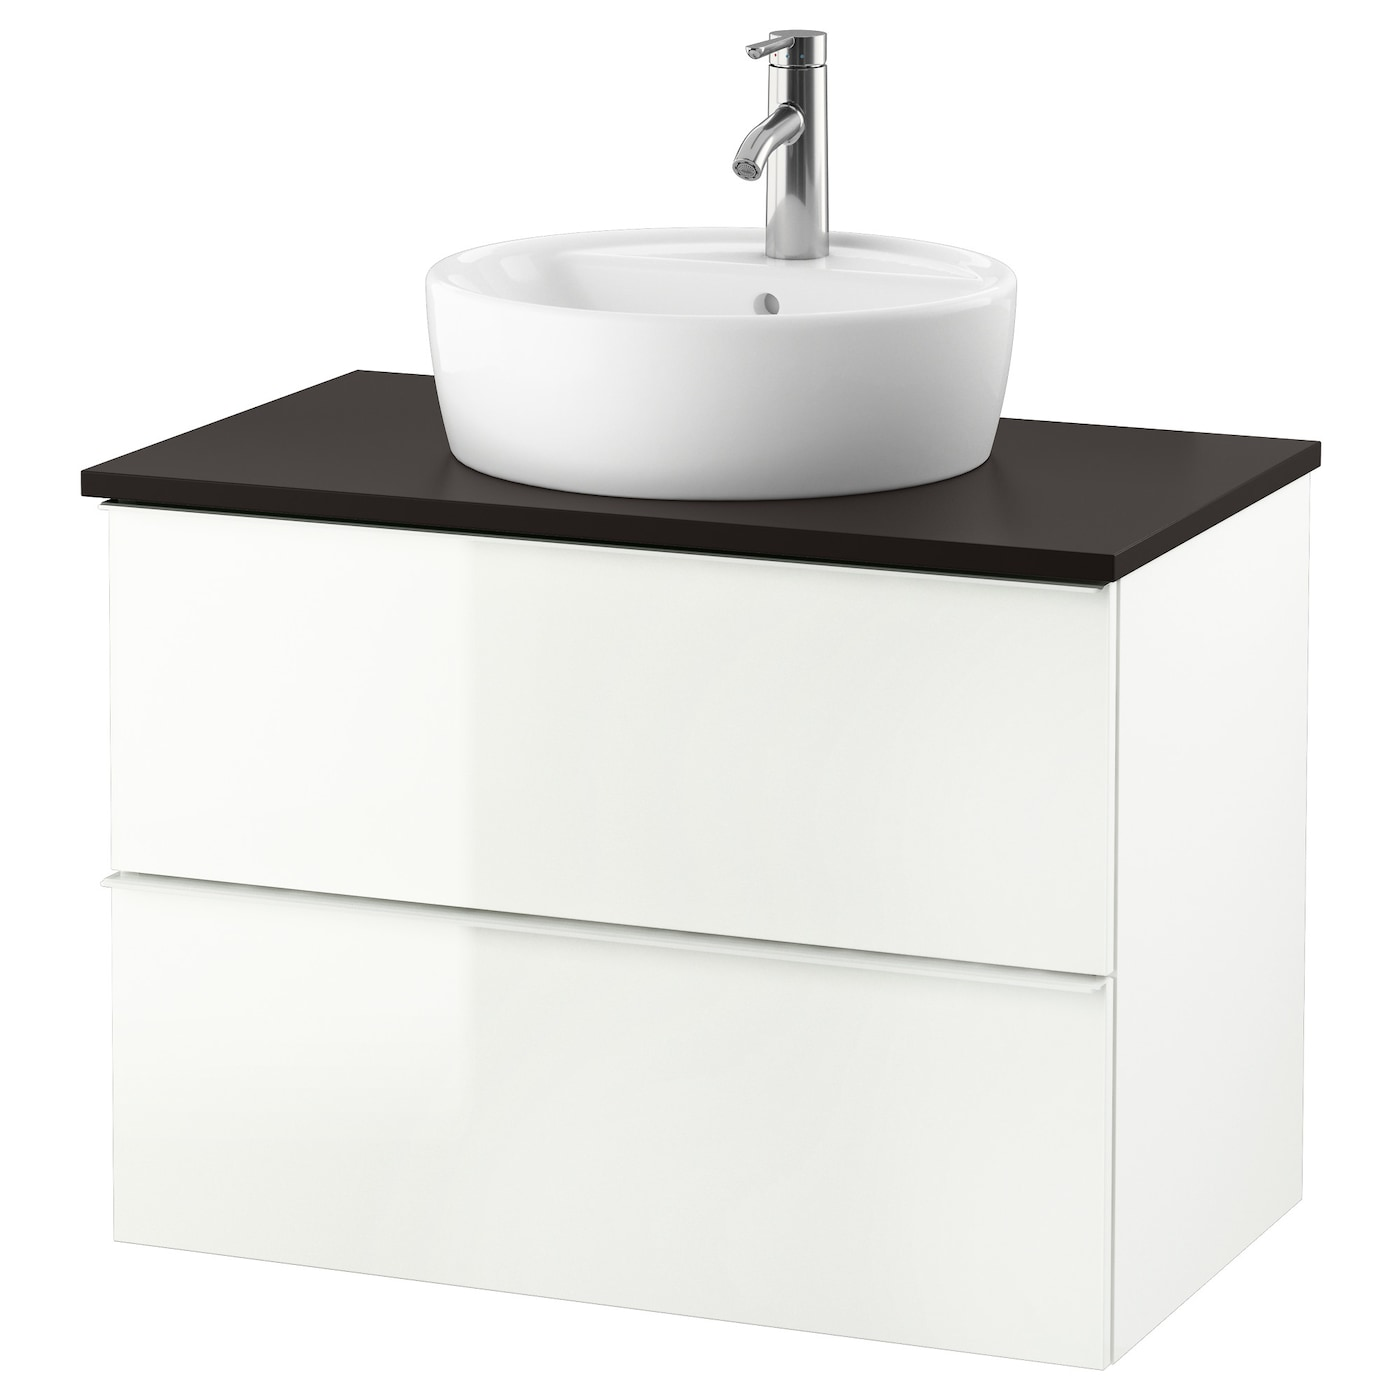 godmorgon tolken t rnviken meuble lavabo av lavabo poser 45 brillant blanc anthracite 82x49x74. Black Bedroom Furniture Sets. Home Design Ideas